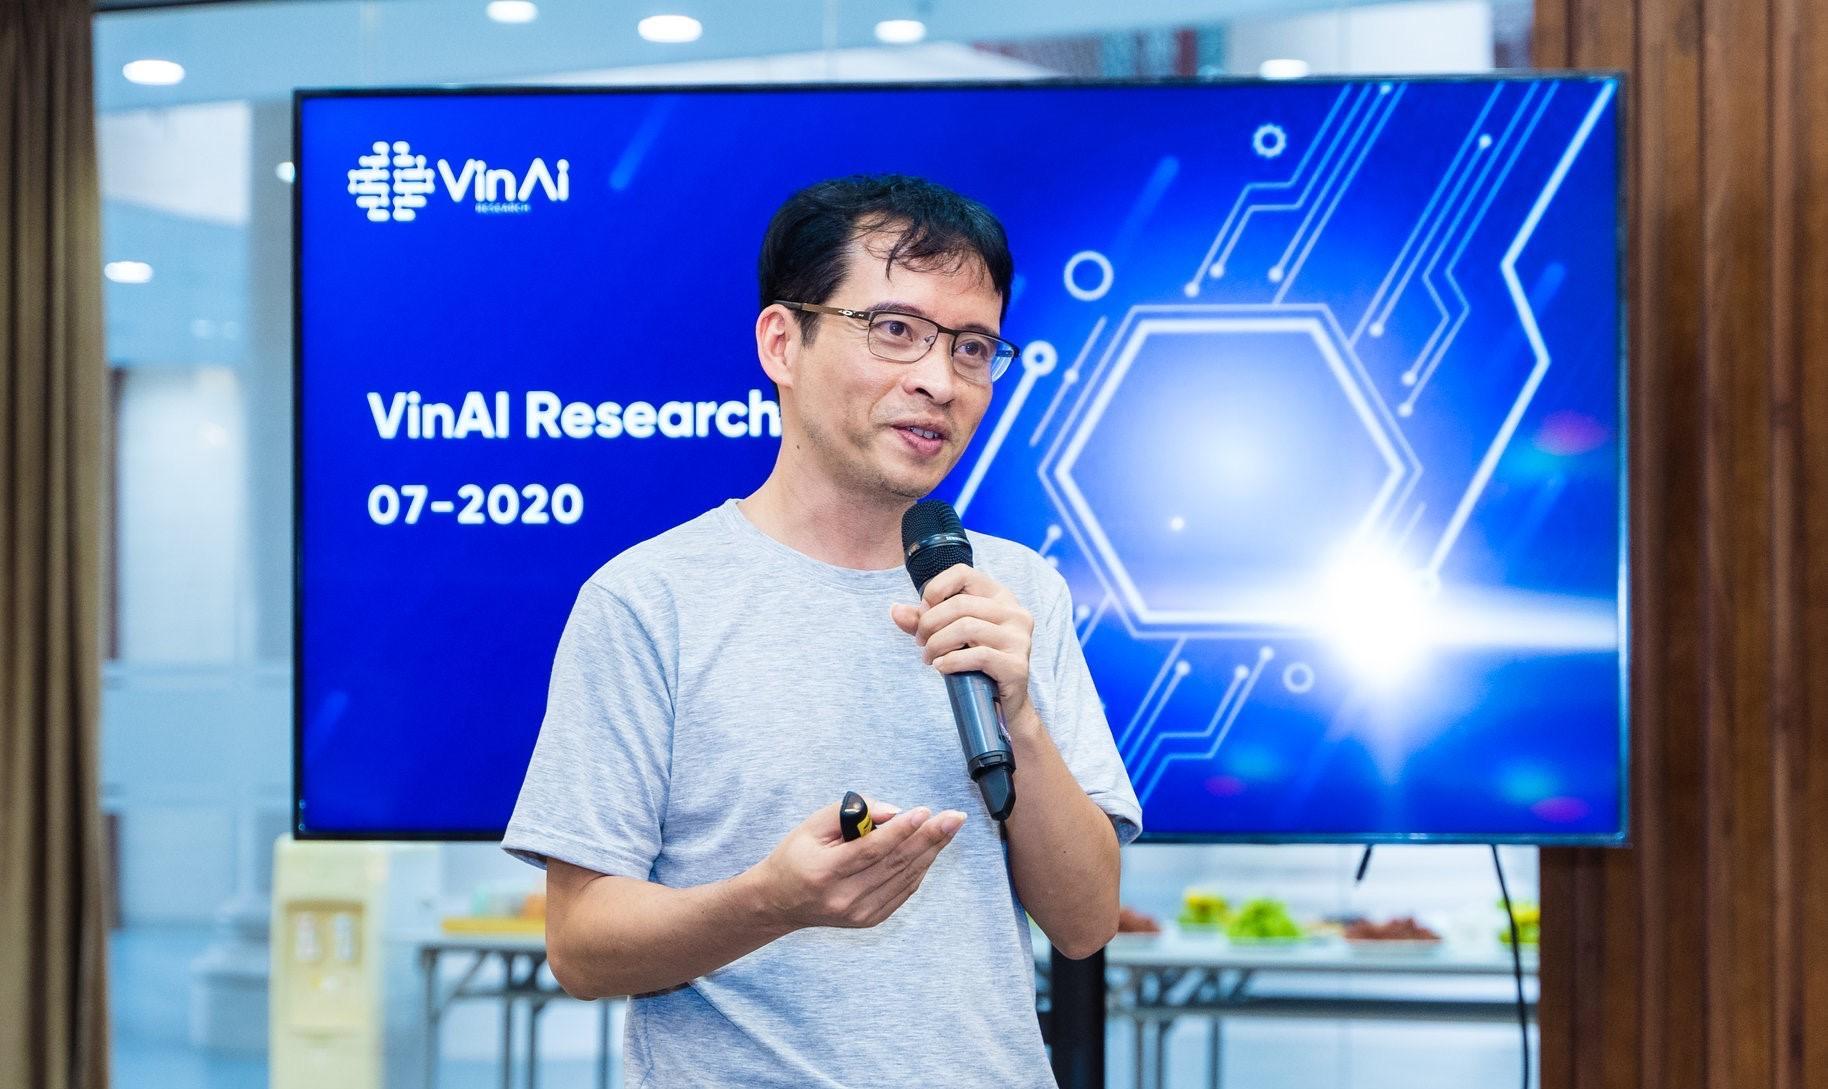 VinAI lắp siêu máy tính mạnh nhất khu vực từ Nvidia